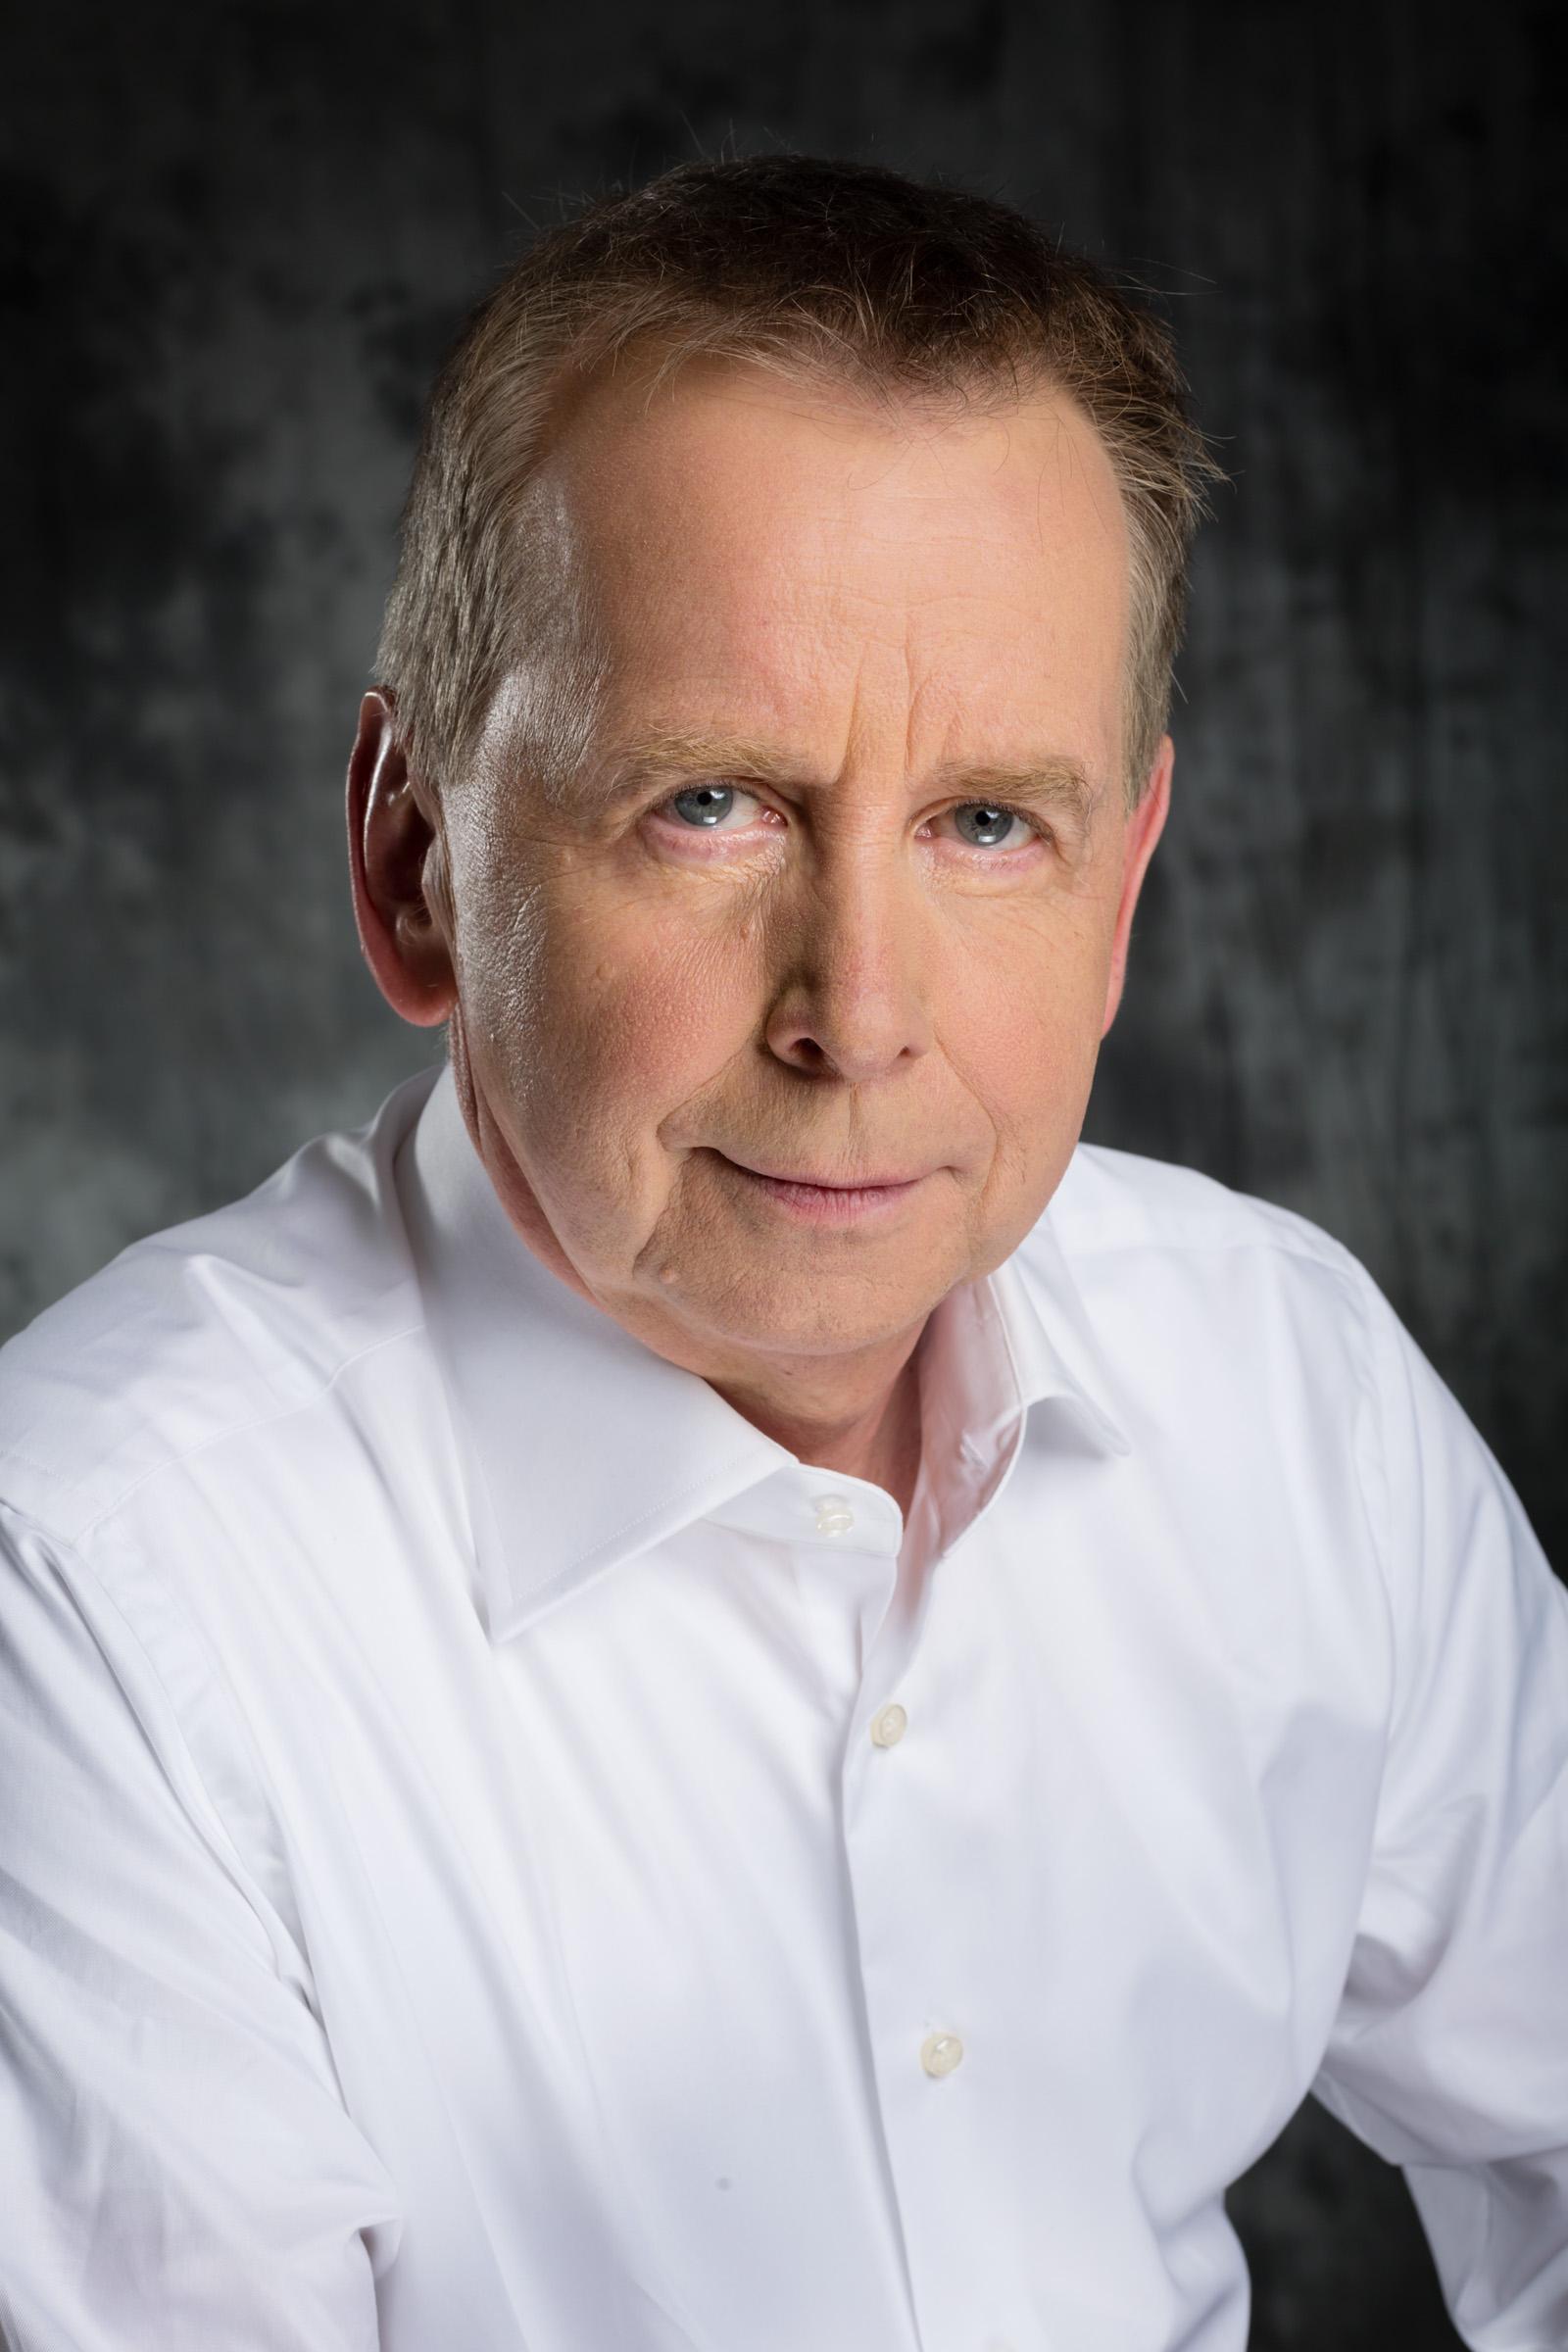 Adam Czyżewski